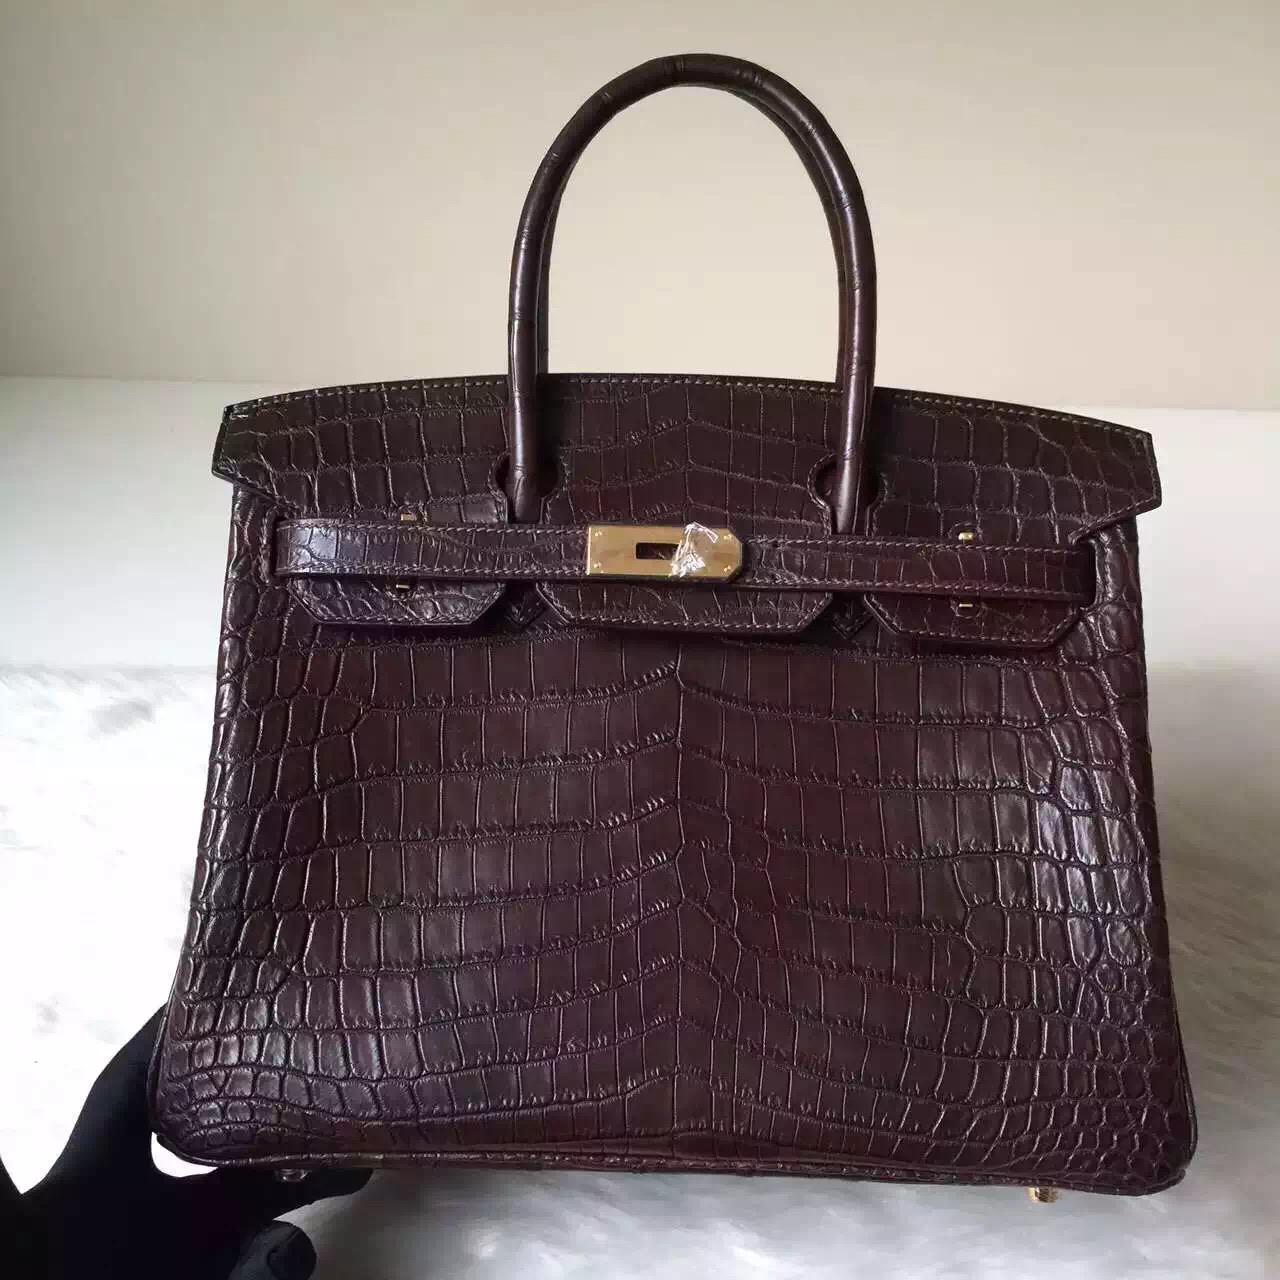 Sale Hermes Crocodile Leather matt Birkin Bag 30cm in Dark Coffee